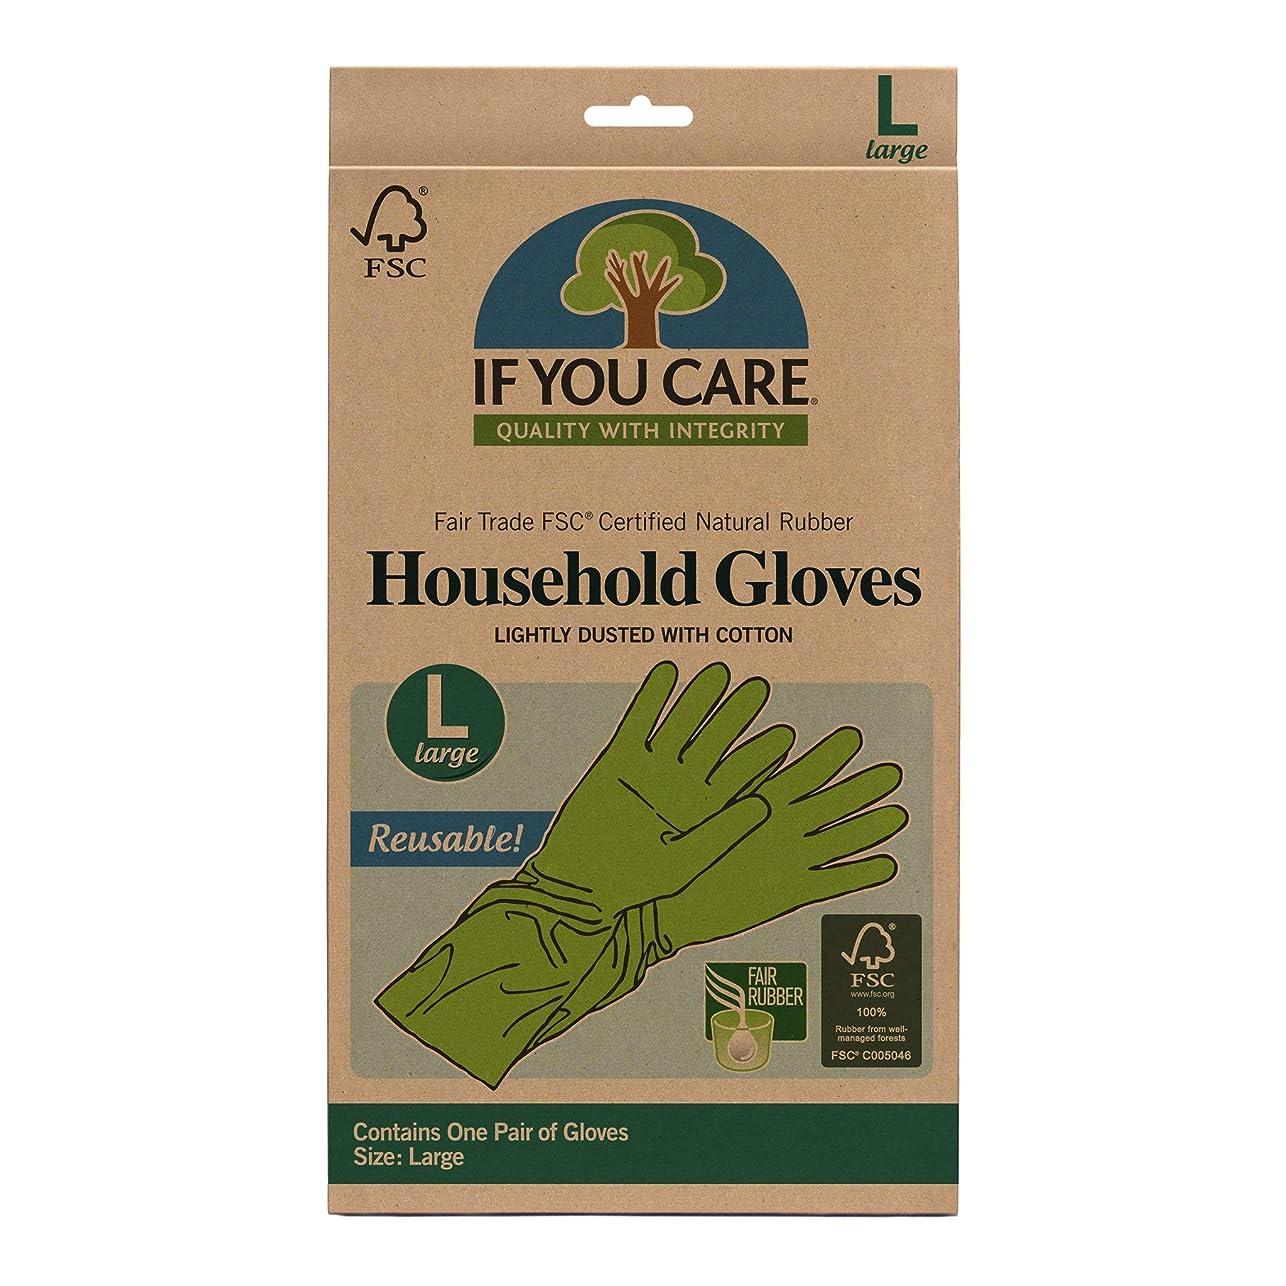 黒くする未満モーション海外直送品Household Gloves Latex Cotton Flock Lined, Large 1 PAIR by If You Care